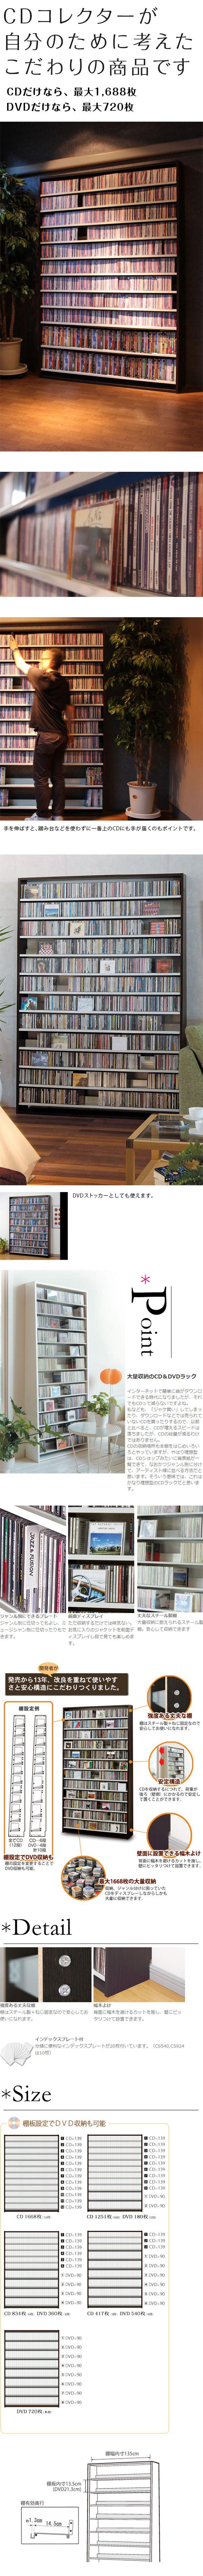 【楽天市場】CD屋さんのCDラック 大容量 CD1,668枚収納可能 インデックスプレート20枚付き 10P09Jan16:収納家具のイー・ユニット